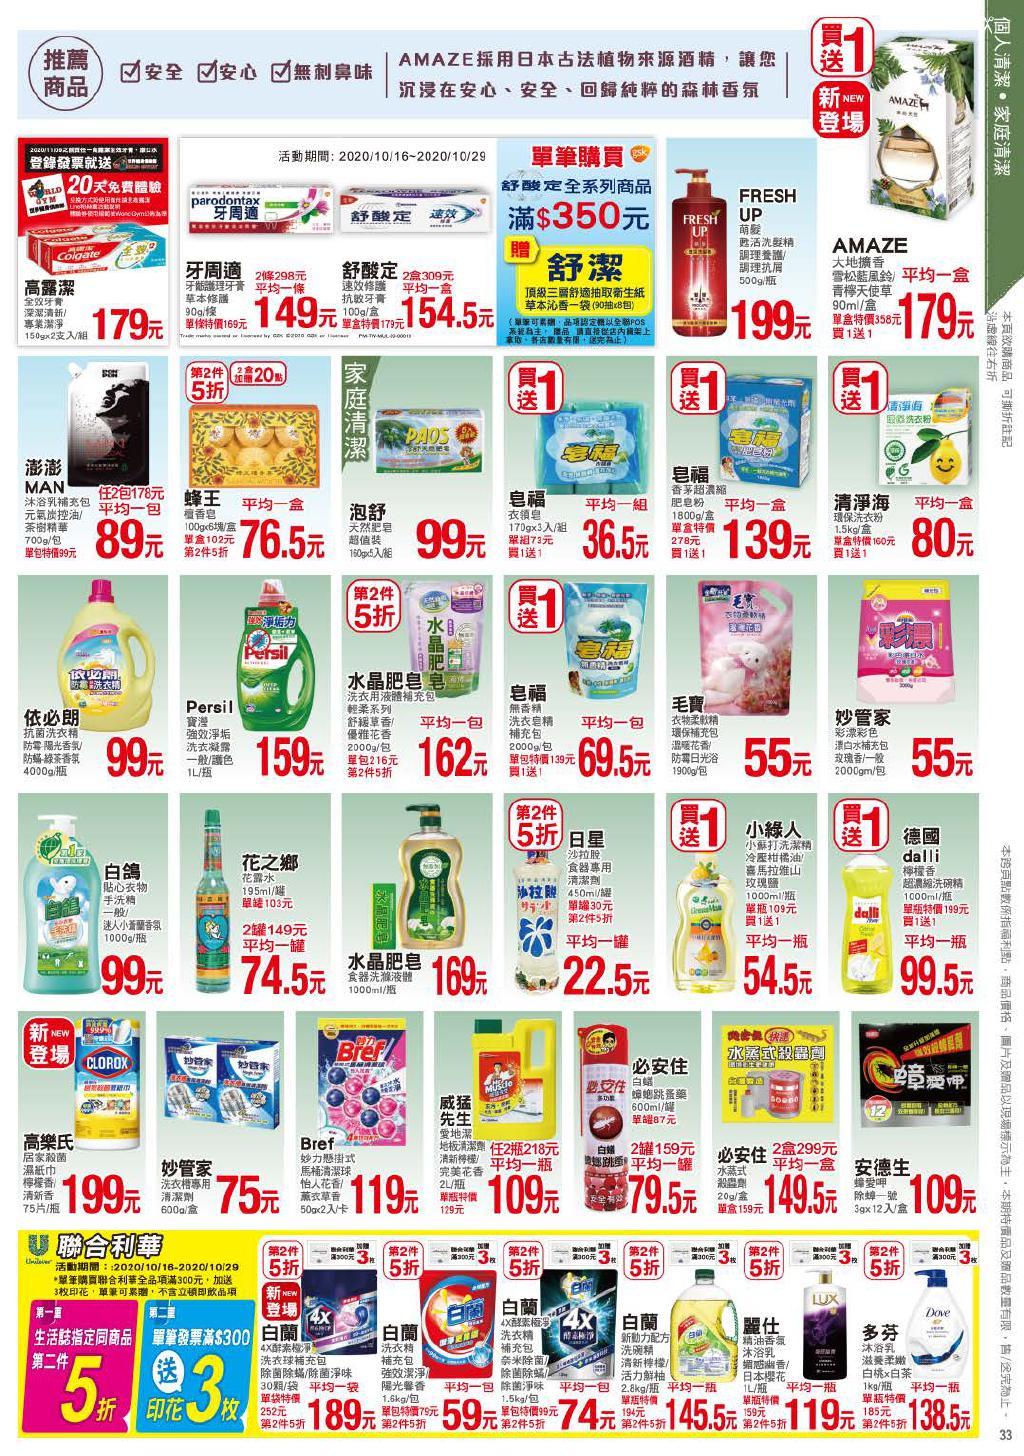 pxmart20201029_000033.jpg